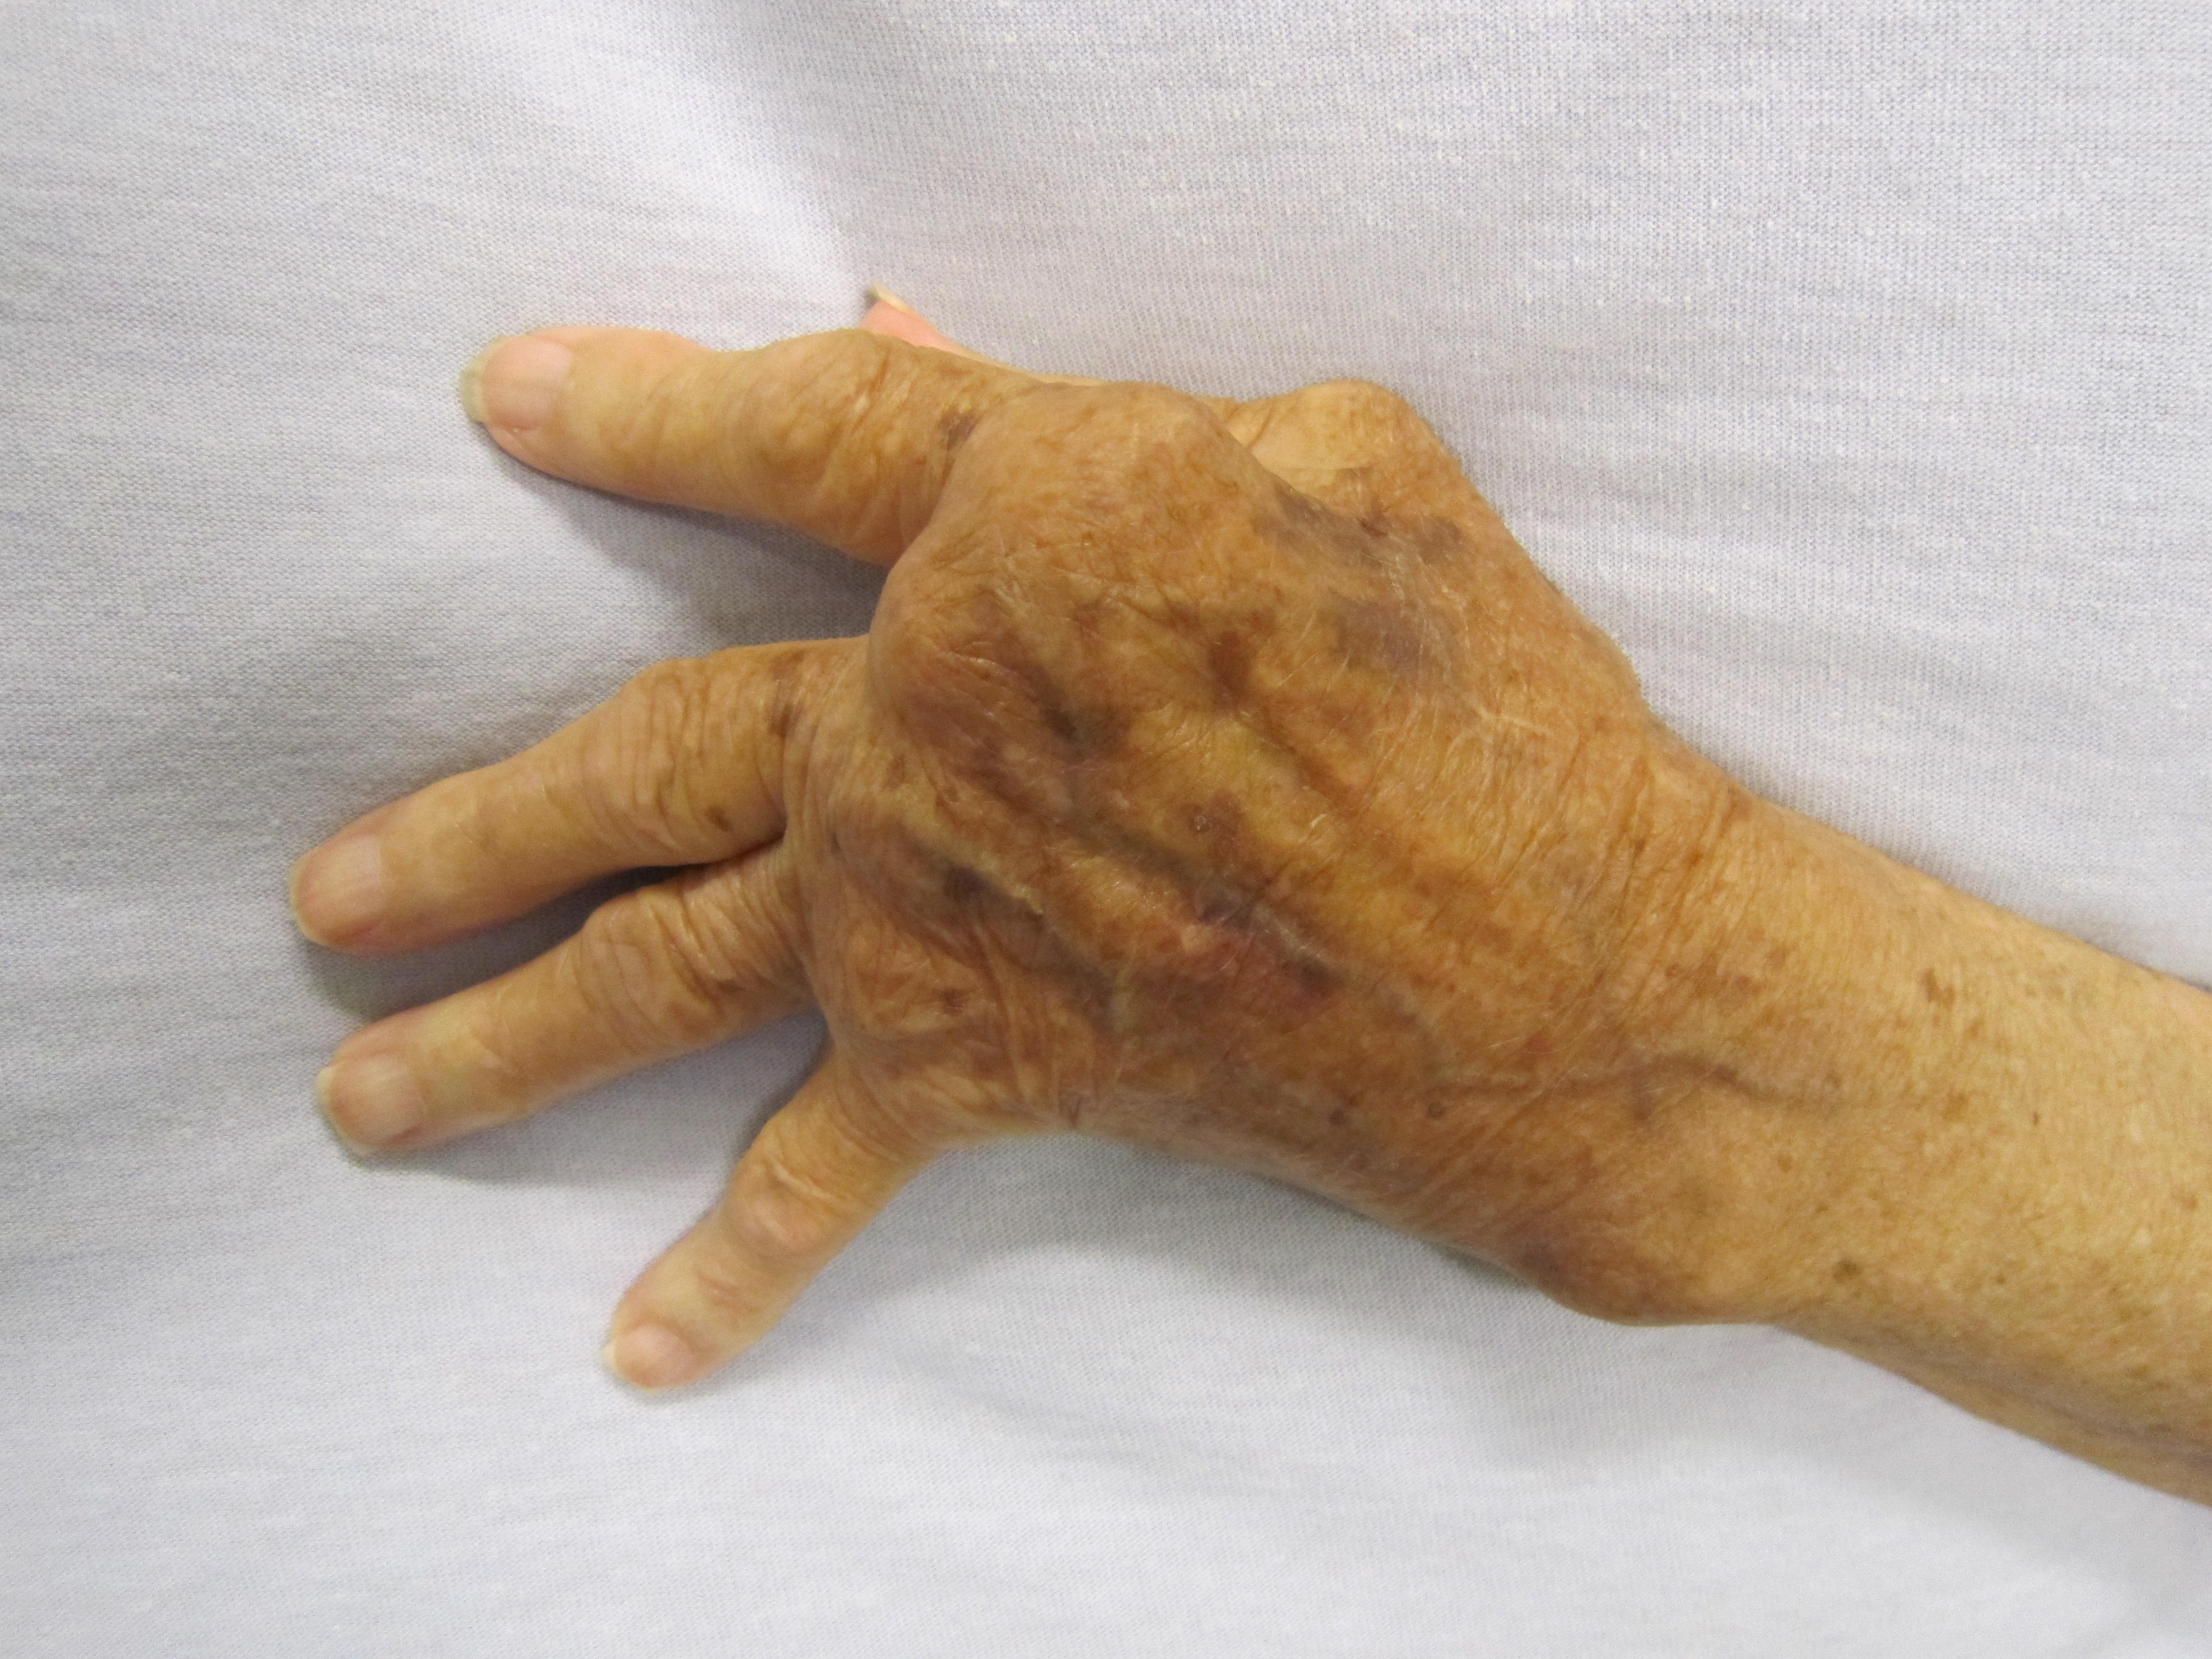 ízületi kitörések rheumatoid arthritisben